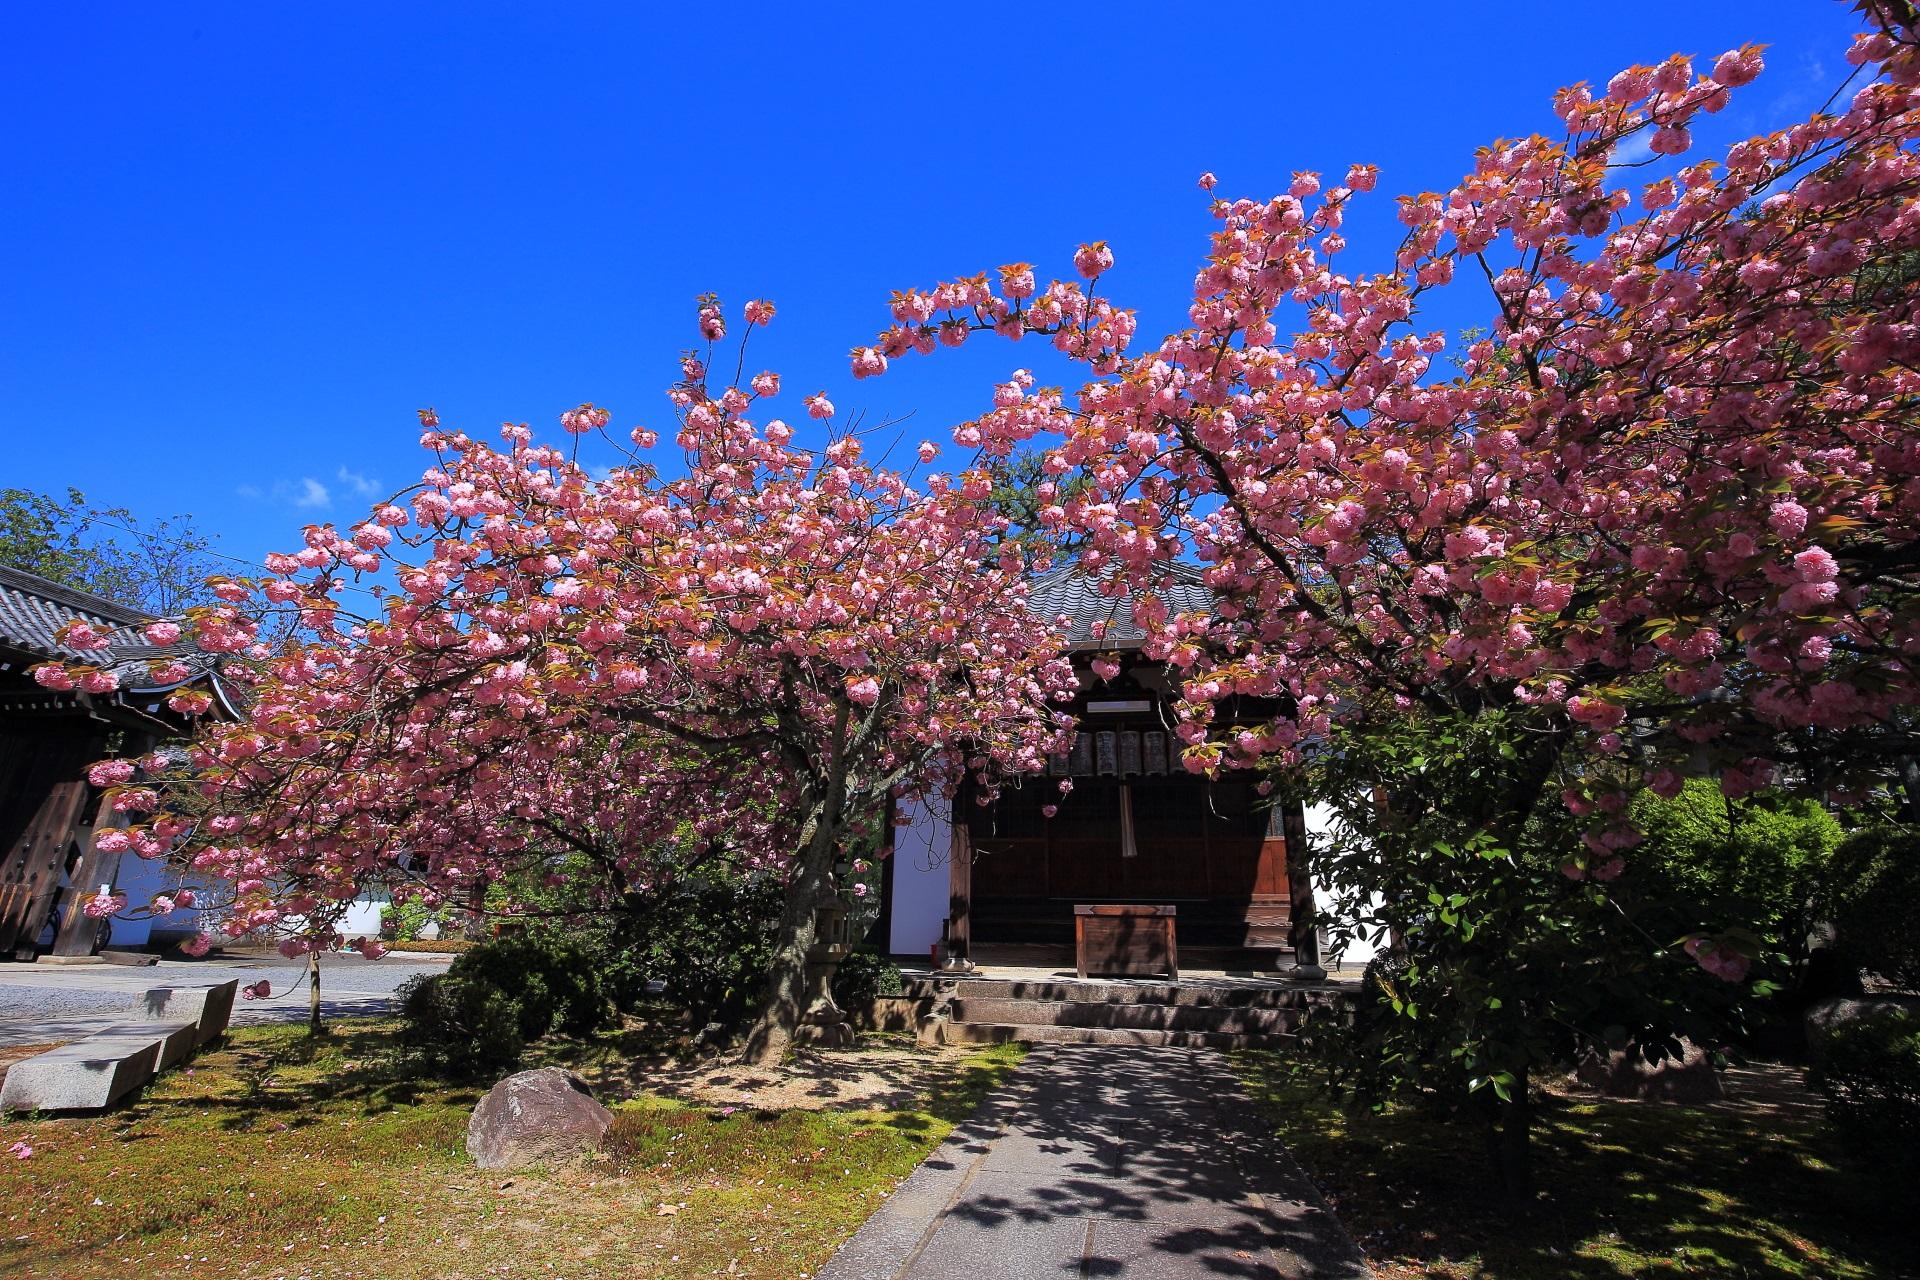 七面大明神前の八重桜(里桜)